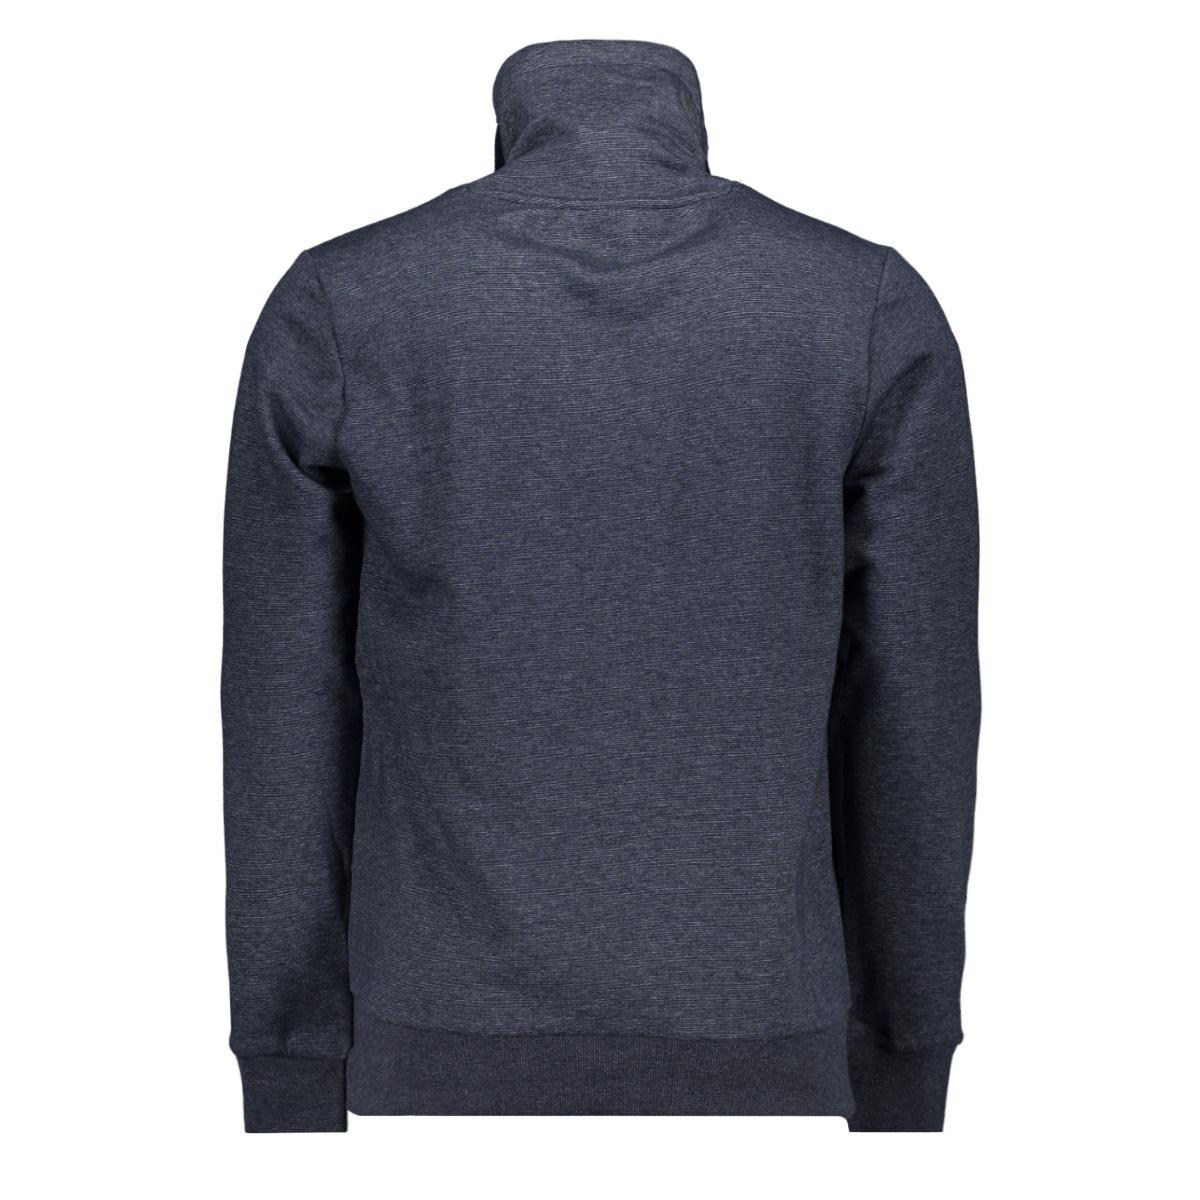 jcogen sweat hood 12162073 jack & jones sweater sky captain/melange/jj